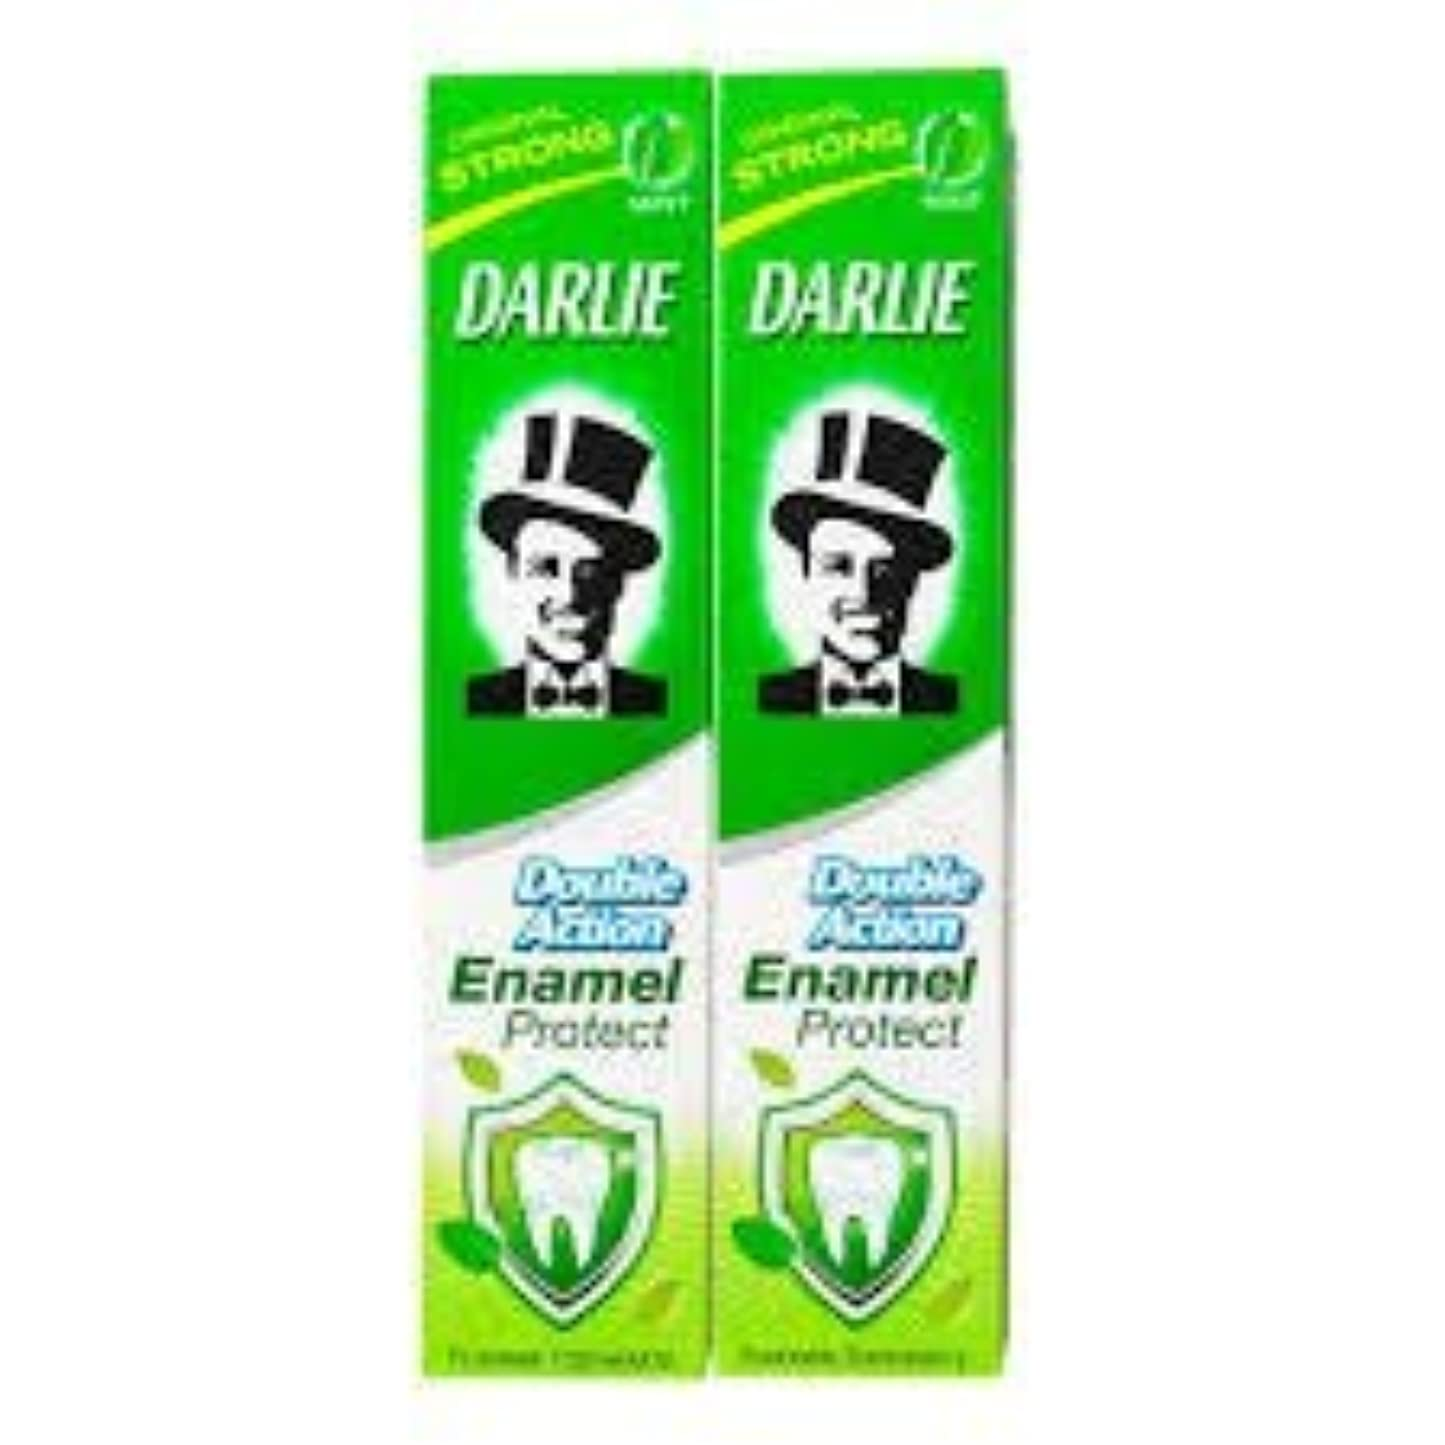 簡略化する本物ナラーバーDARLIE 歯磨き粉歯磨き粉二重の役割、保護エナメル強いミント2×220ケ - あなたの歯を強化し、防御の最前線